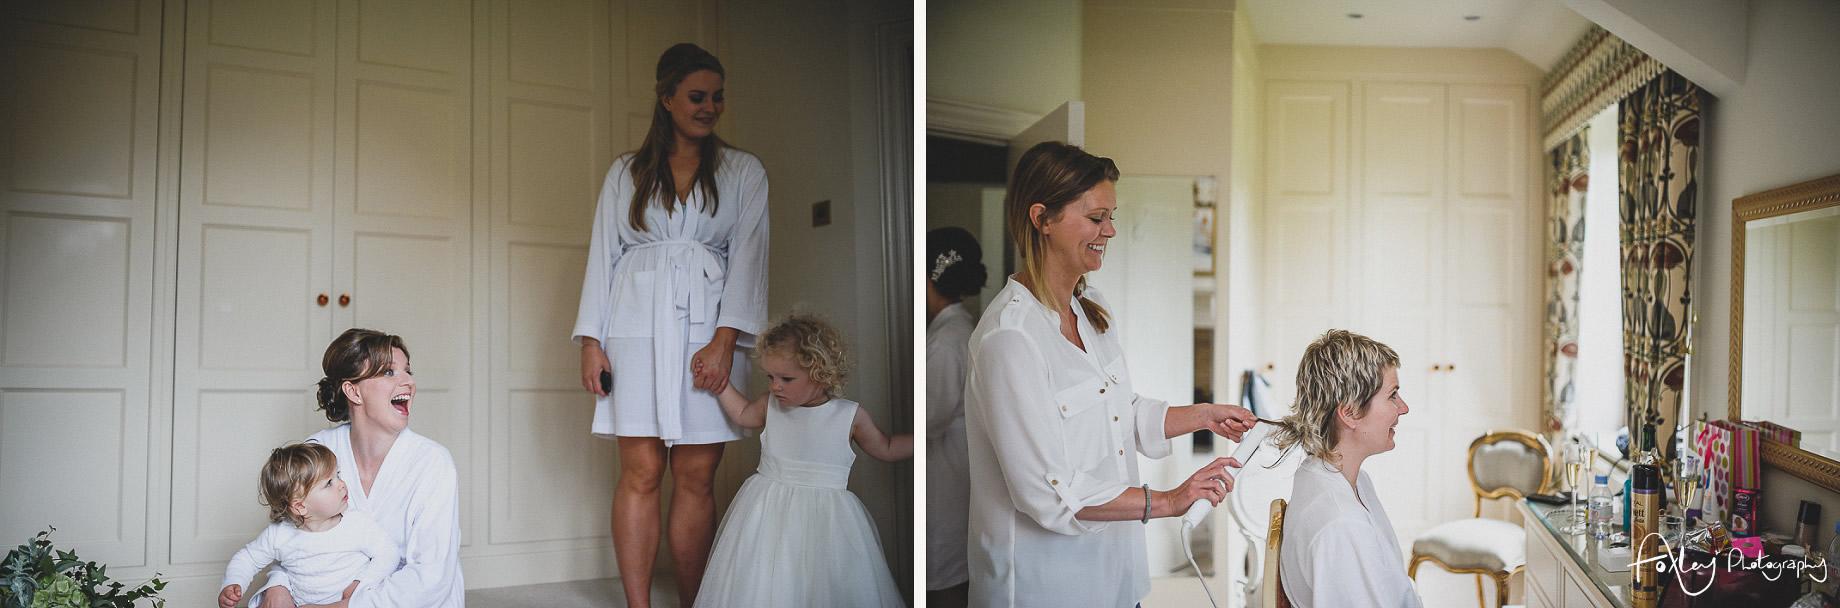 Simona-and-Robert-Wedding-at-Colshaw-Hall-059